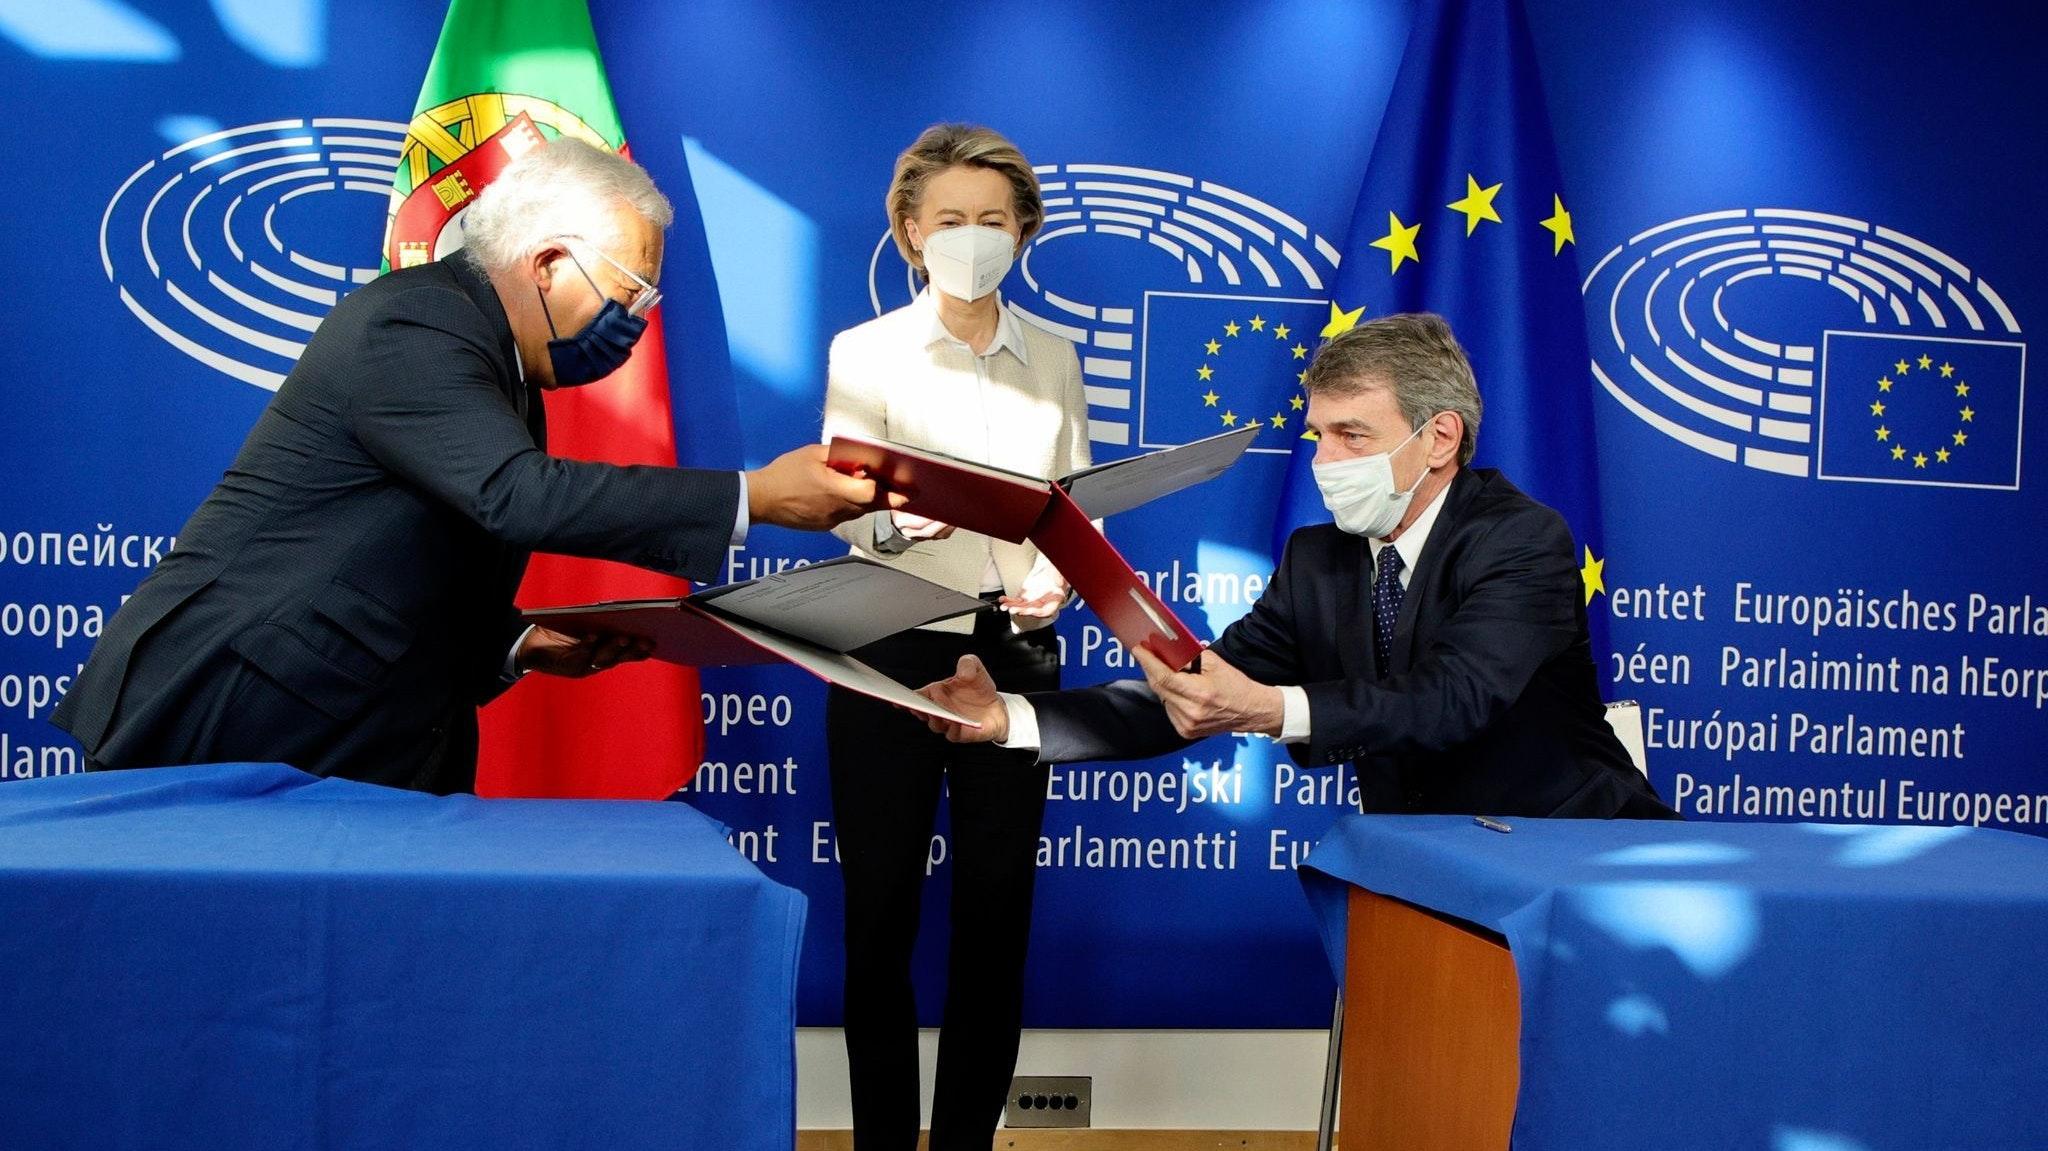 EU-Kommissionspräsidentin Ursula von der Leyen (M), schaut dabei zu, wie Portugals Premierminister Antonio Costa und EU-Parlaments-Präsident David Sassoli den Corona-Wiederaufbauplan unterzeichnen. Foto: dpa/Matthys